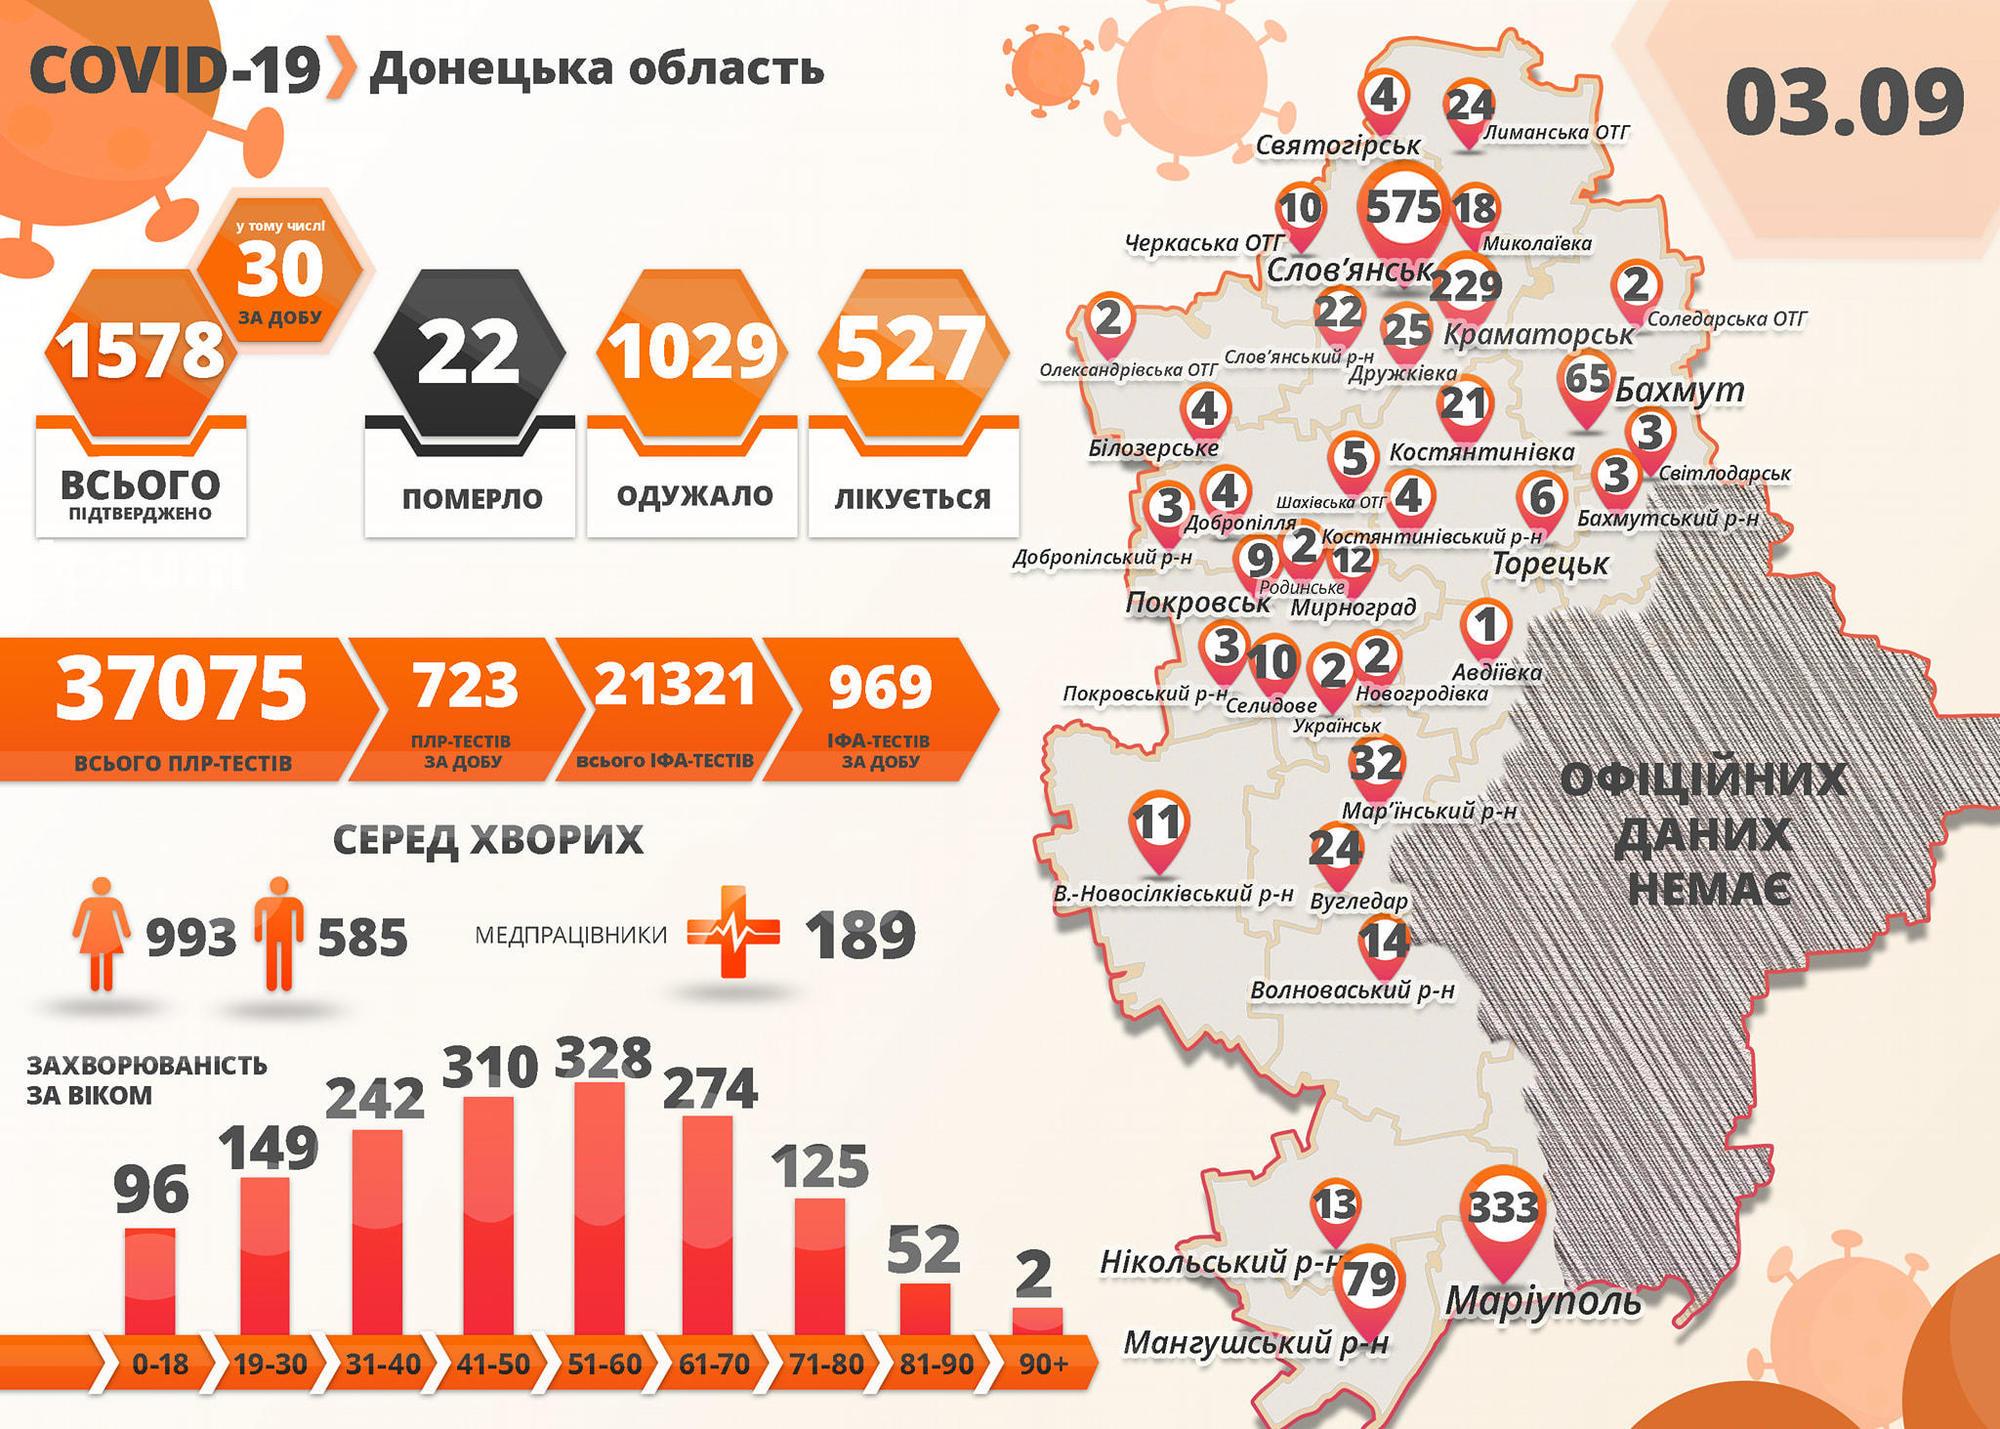 інфографіка Донецька область коронавірус захворюваність на 4 вересня